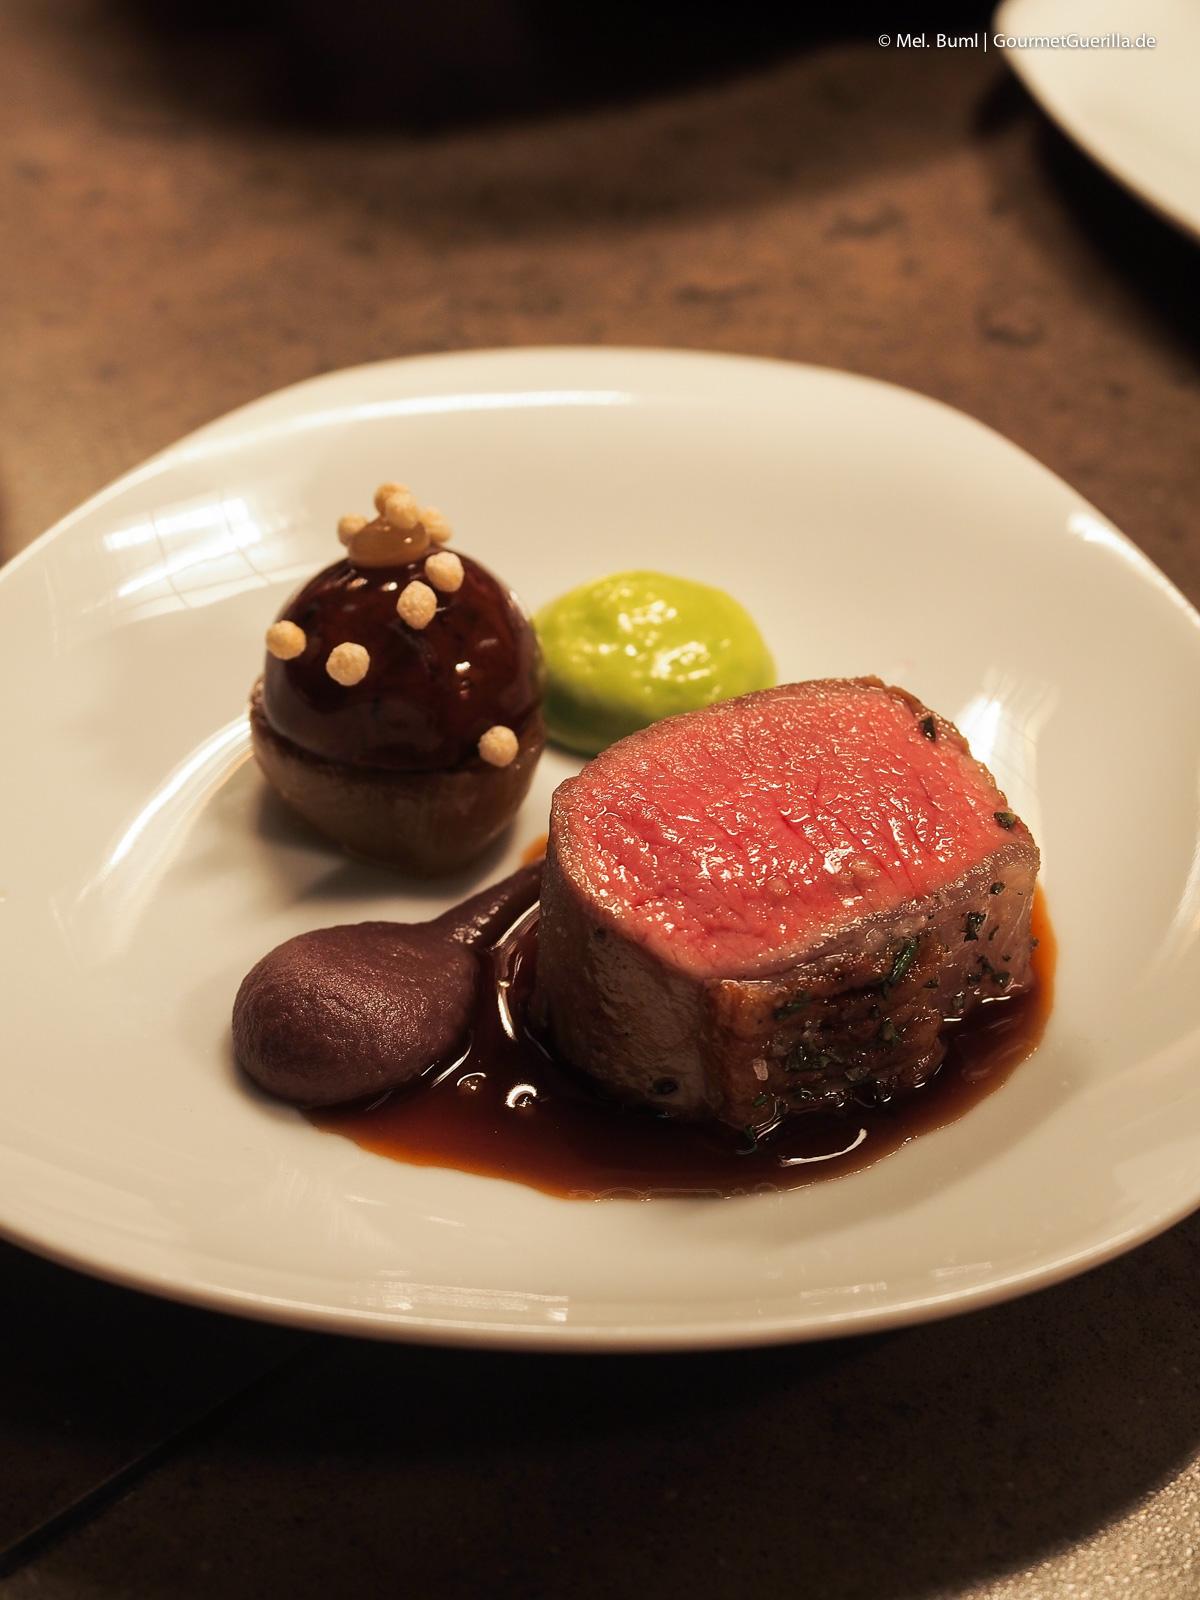 Kuechenparty Irish Beef Hotel Vier Jahreszeiten Christoph Rueffer Haerlin |GourmetGuerilla.de-9233268